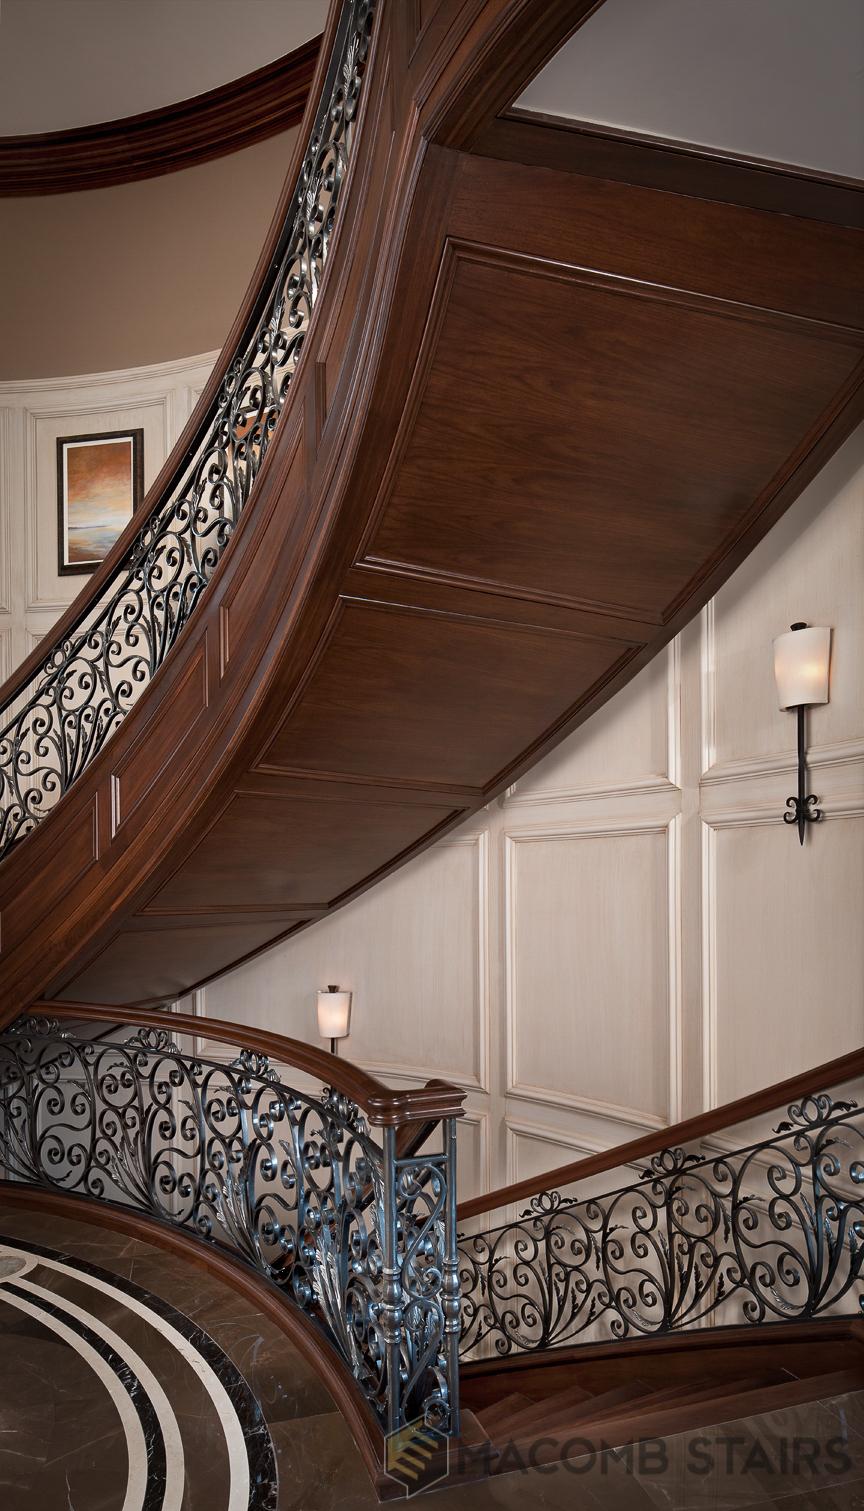 Macomb Stairs- Stair Photo-3.jpg